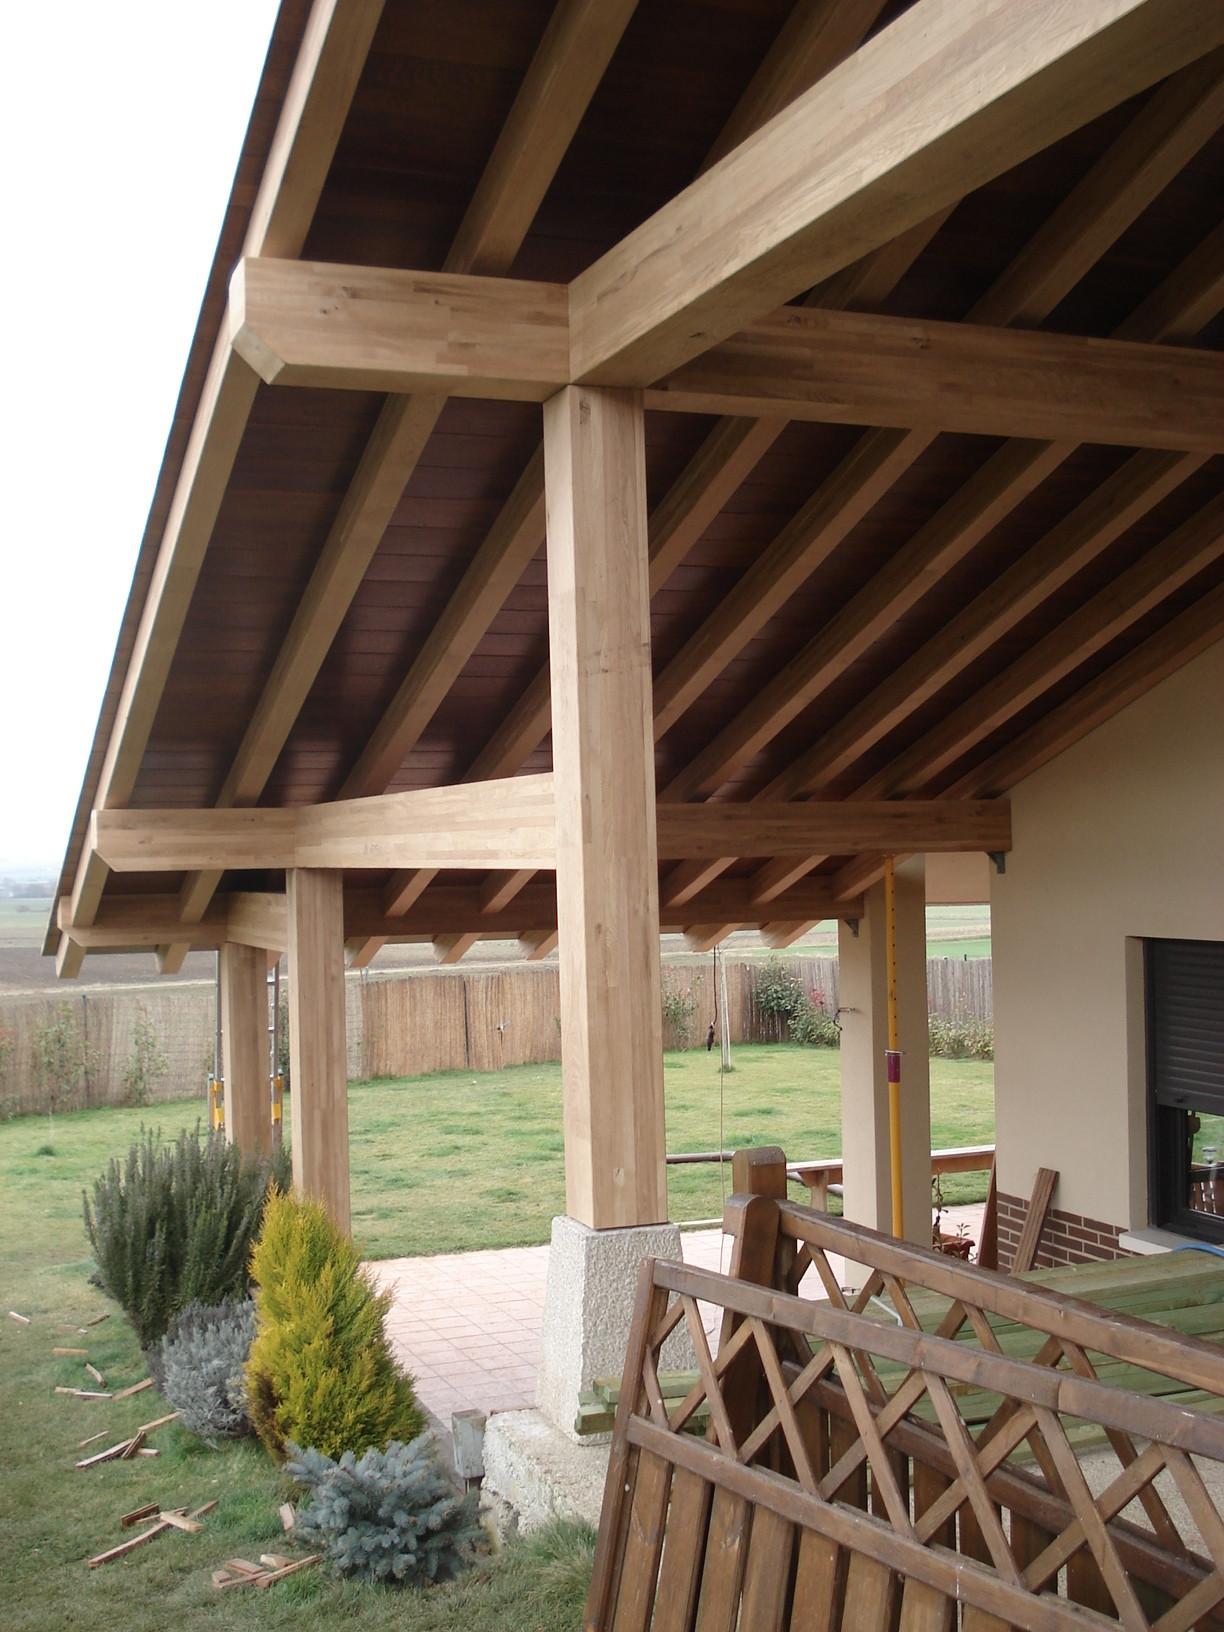 Tejados de madera cubiertas estructuras - Estructuras de madera para tejados ...